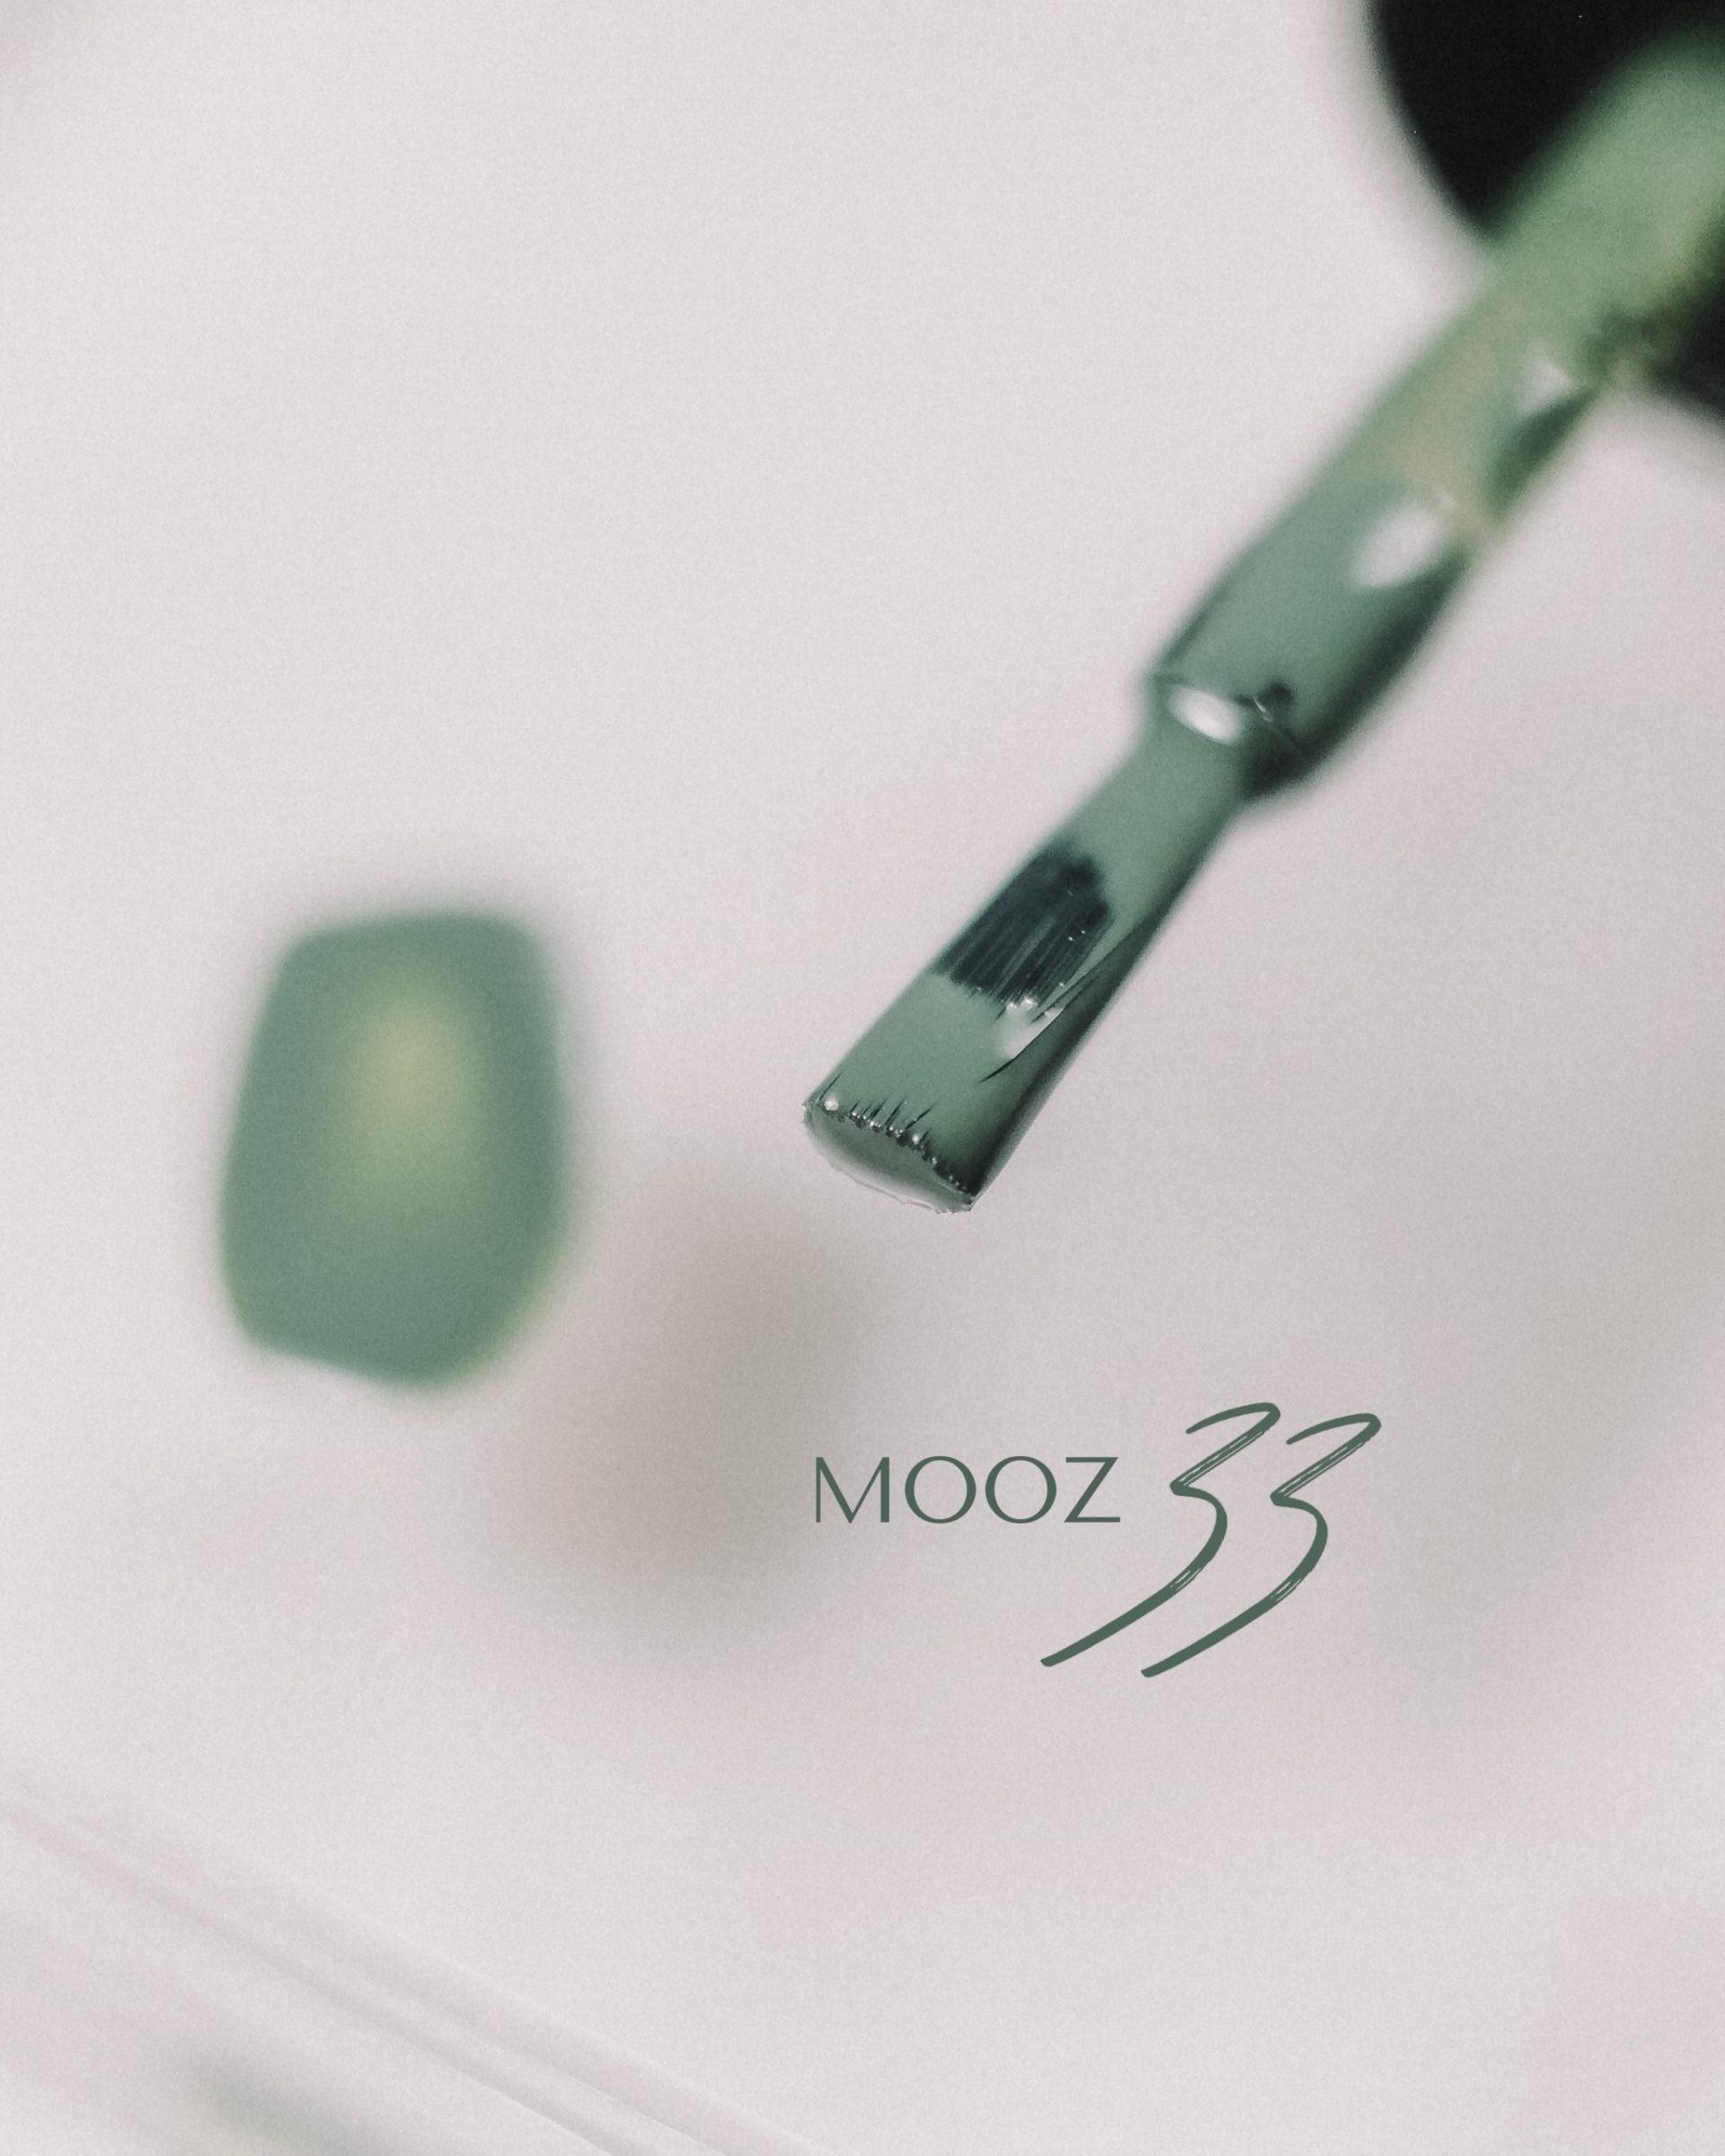 Гель-лаки Mooz: обзор мастера